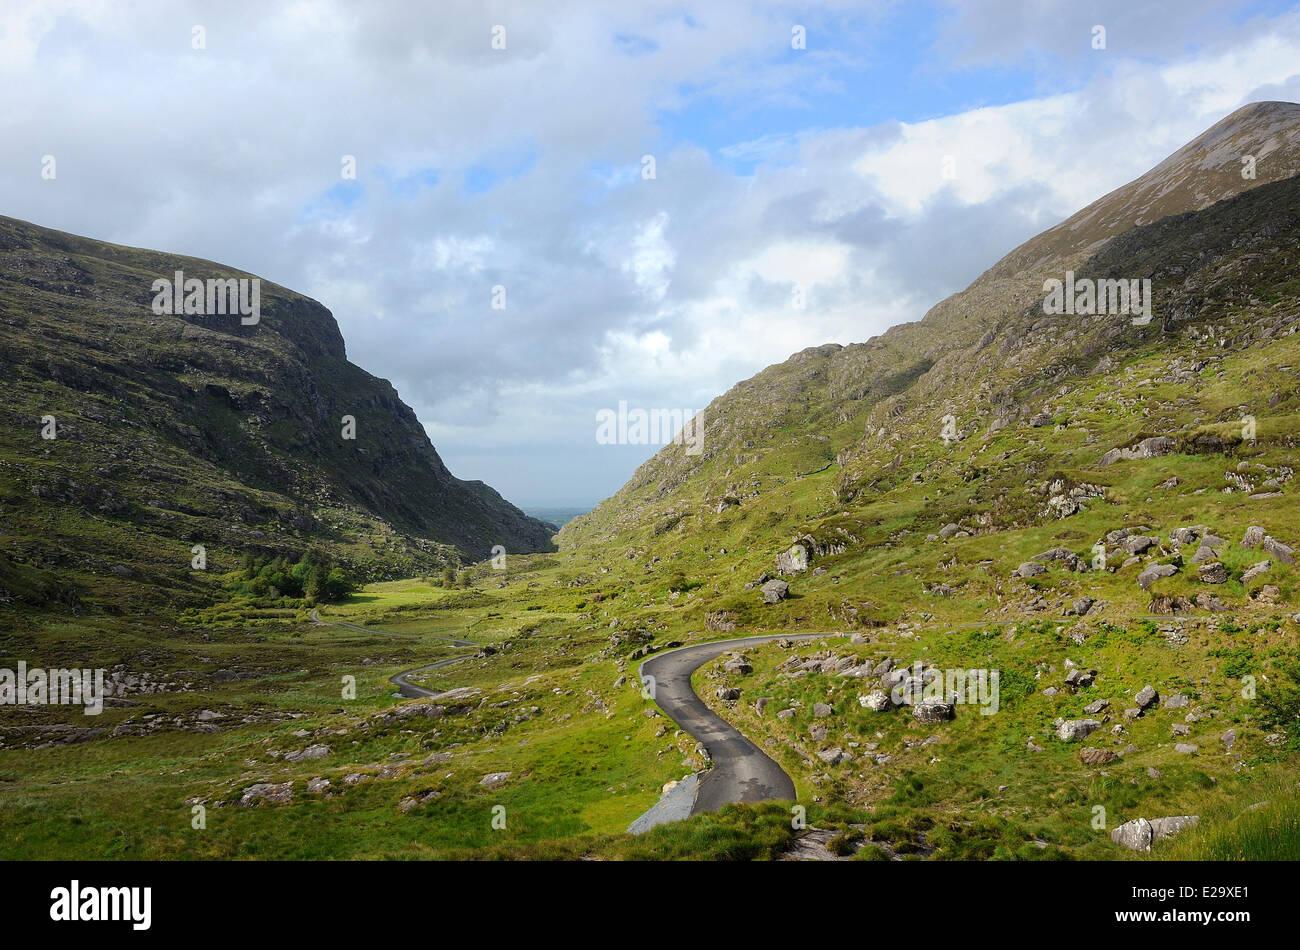 Ireland, County Kerry, Killarney region, Gap of Dunloe Stock Photo